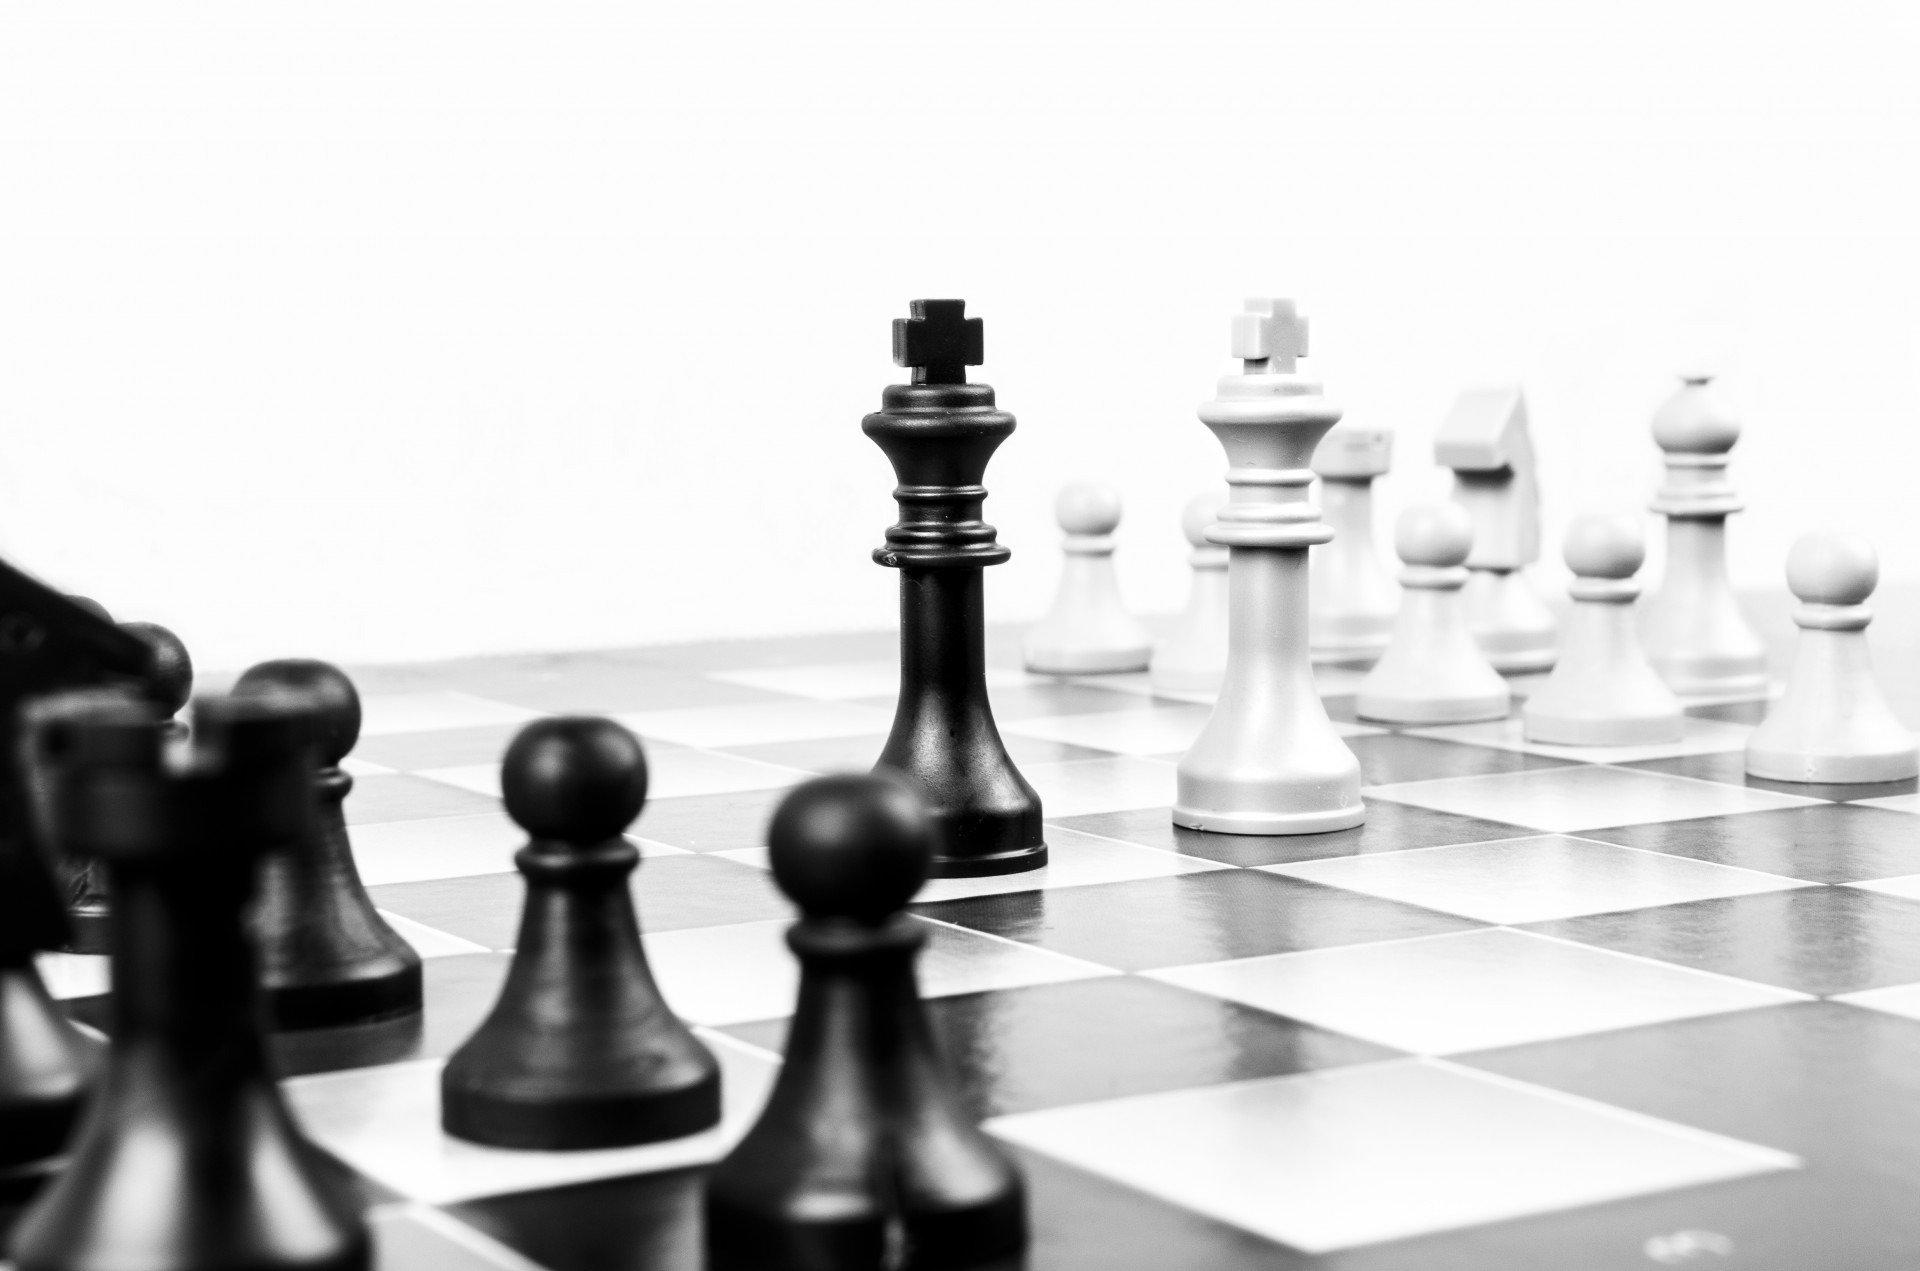 karrierekiller career chess - Resilienz ist eine Frage der ausreichenden Erholung